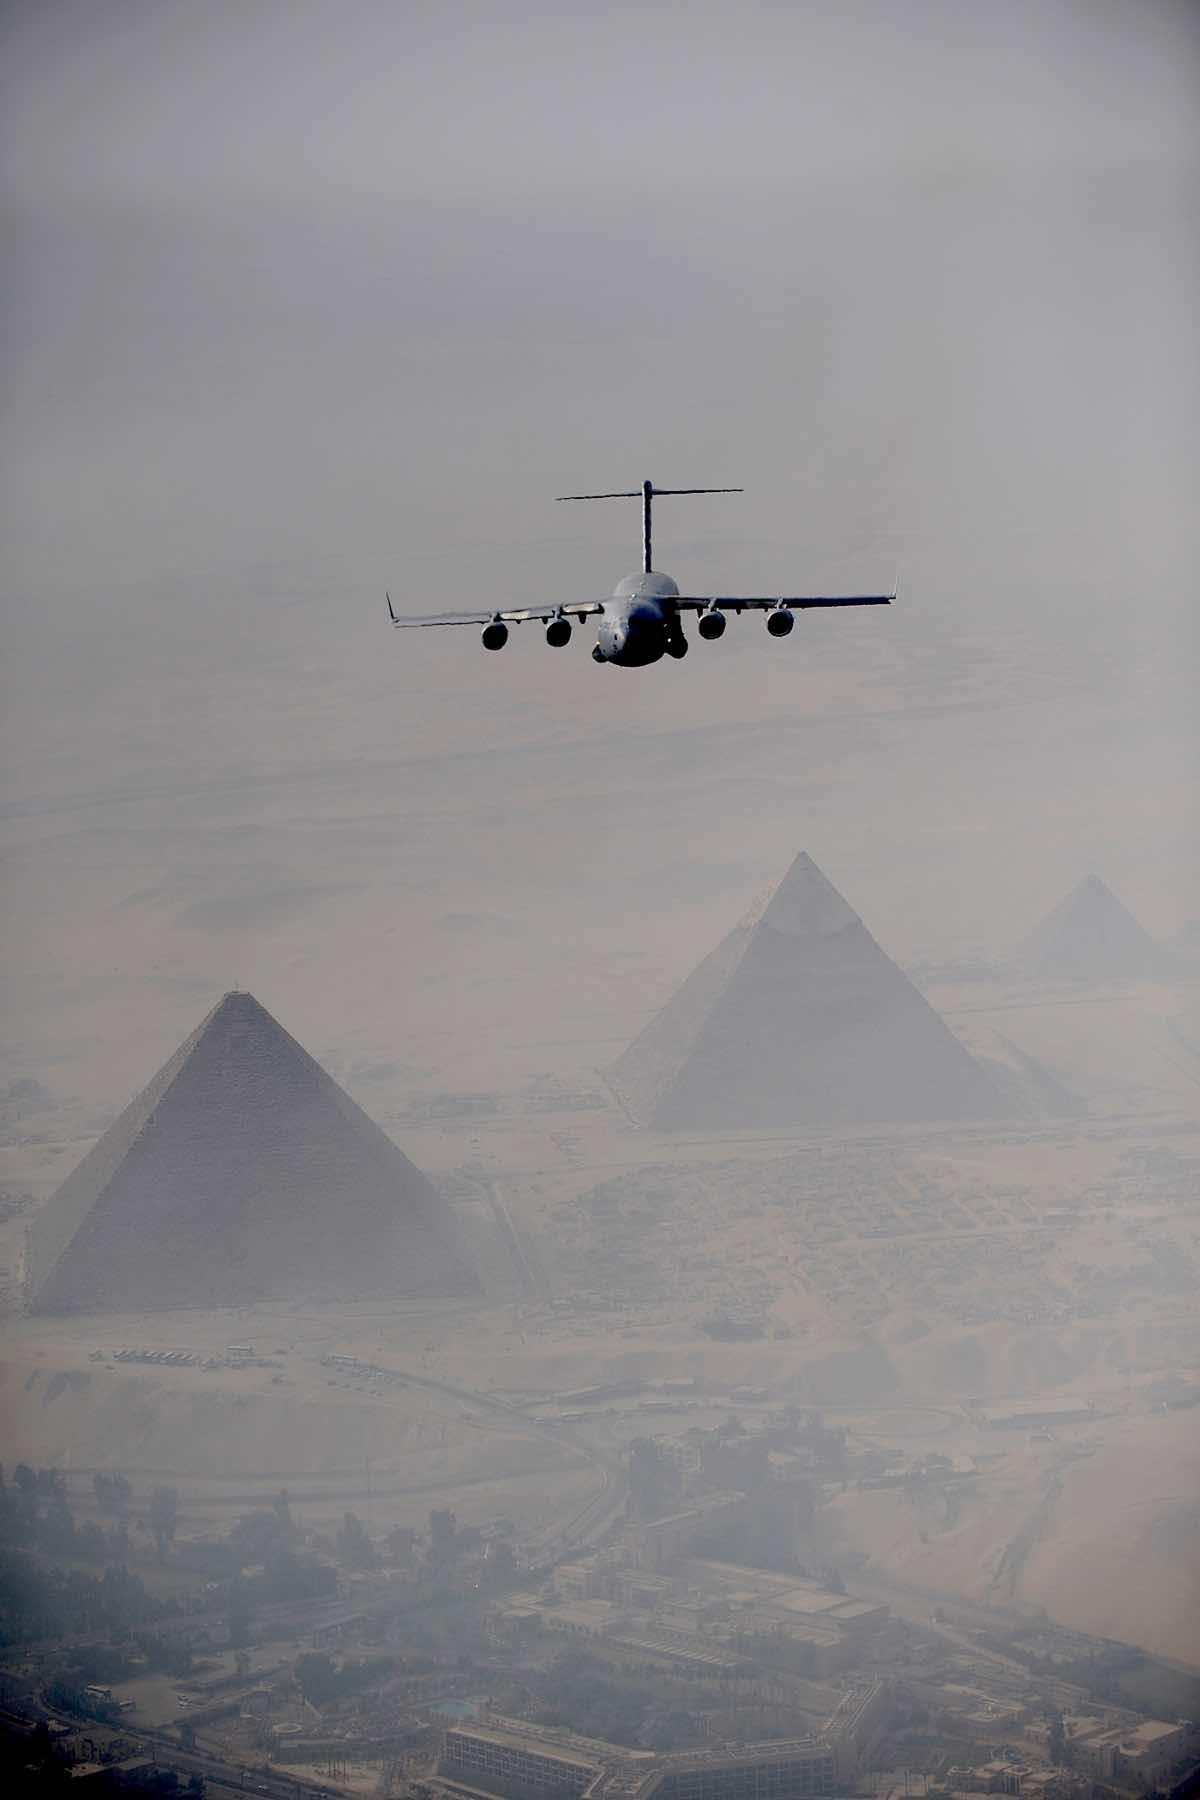 C-17 over Pyramids, C-17 Facts